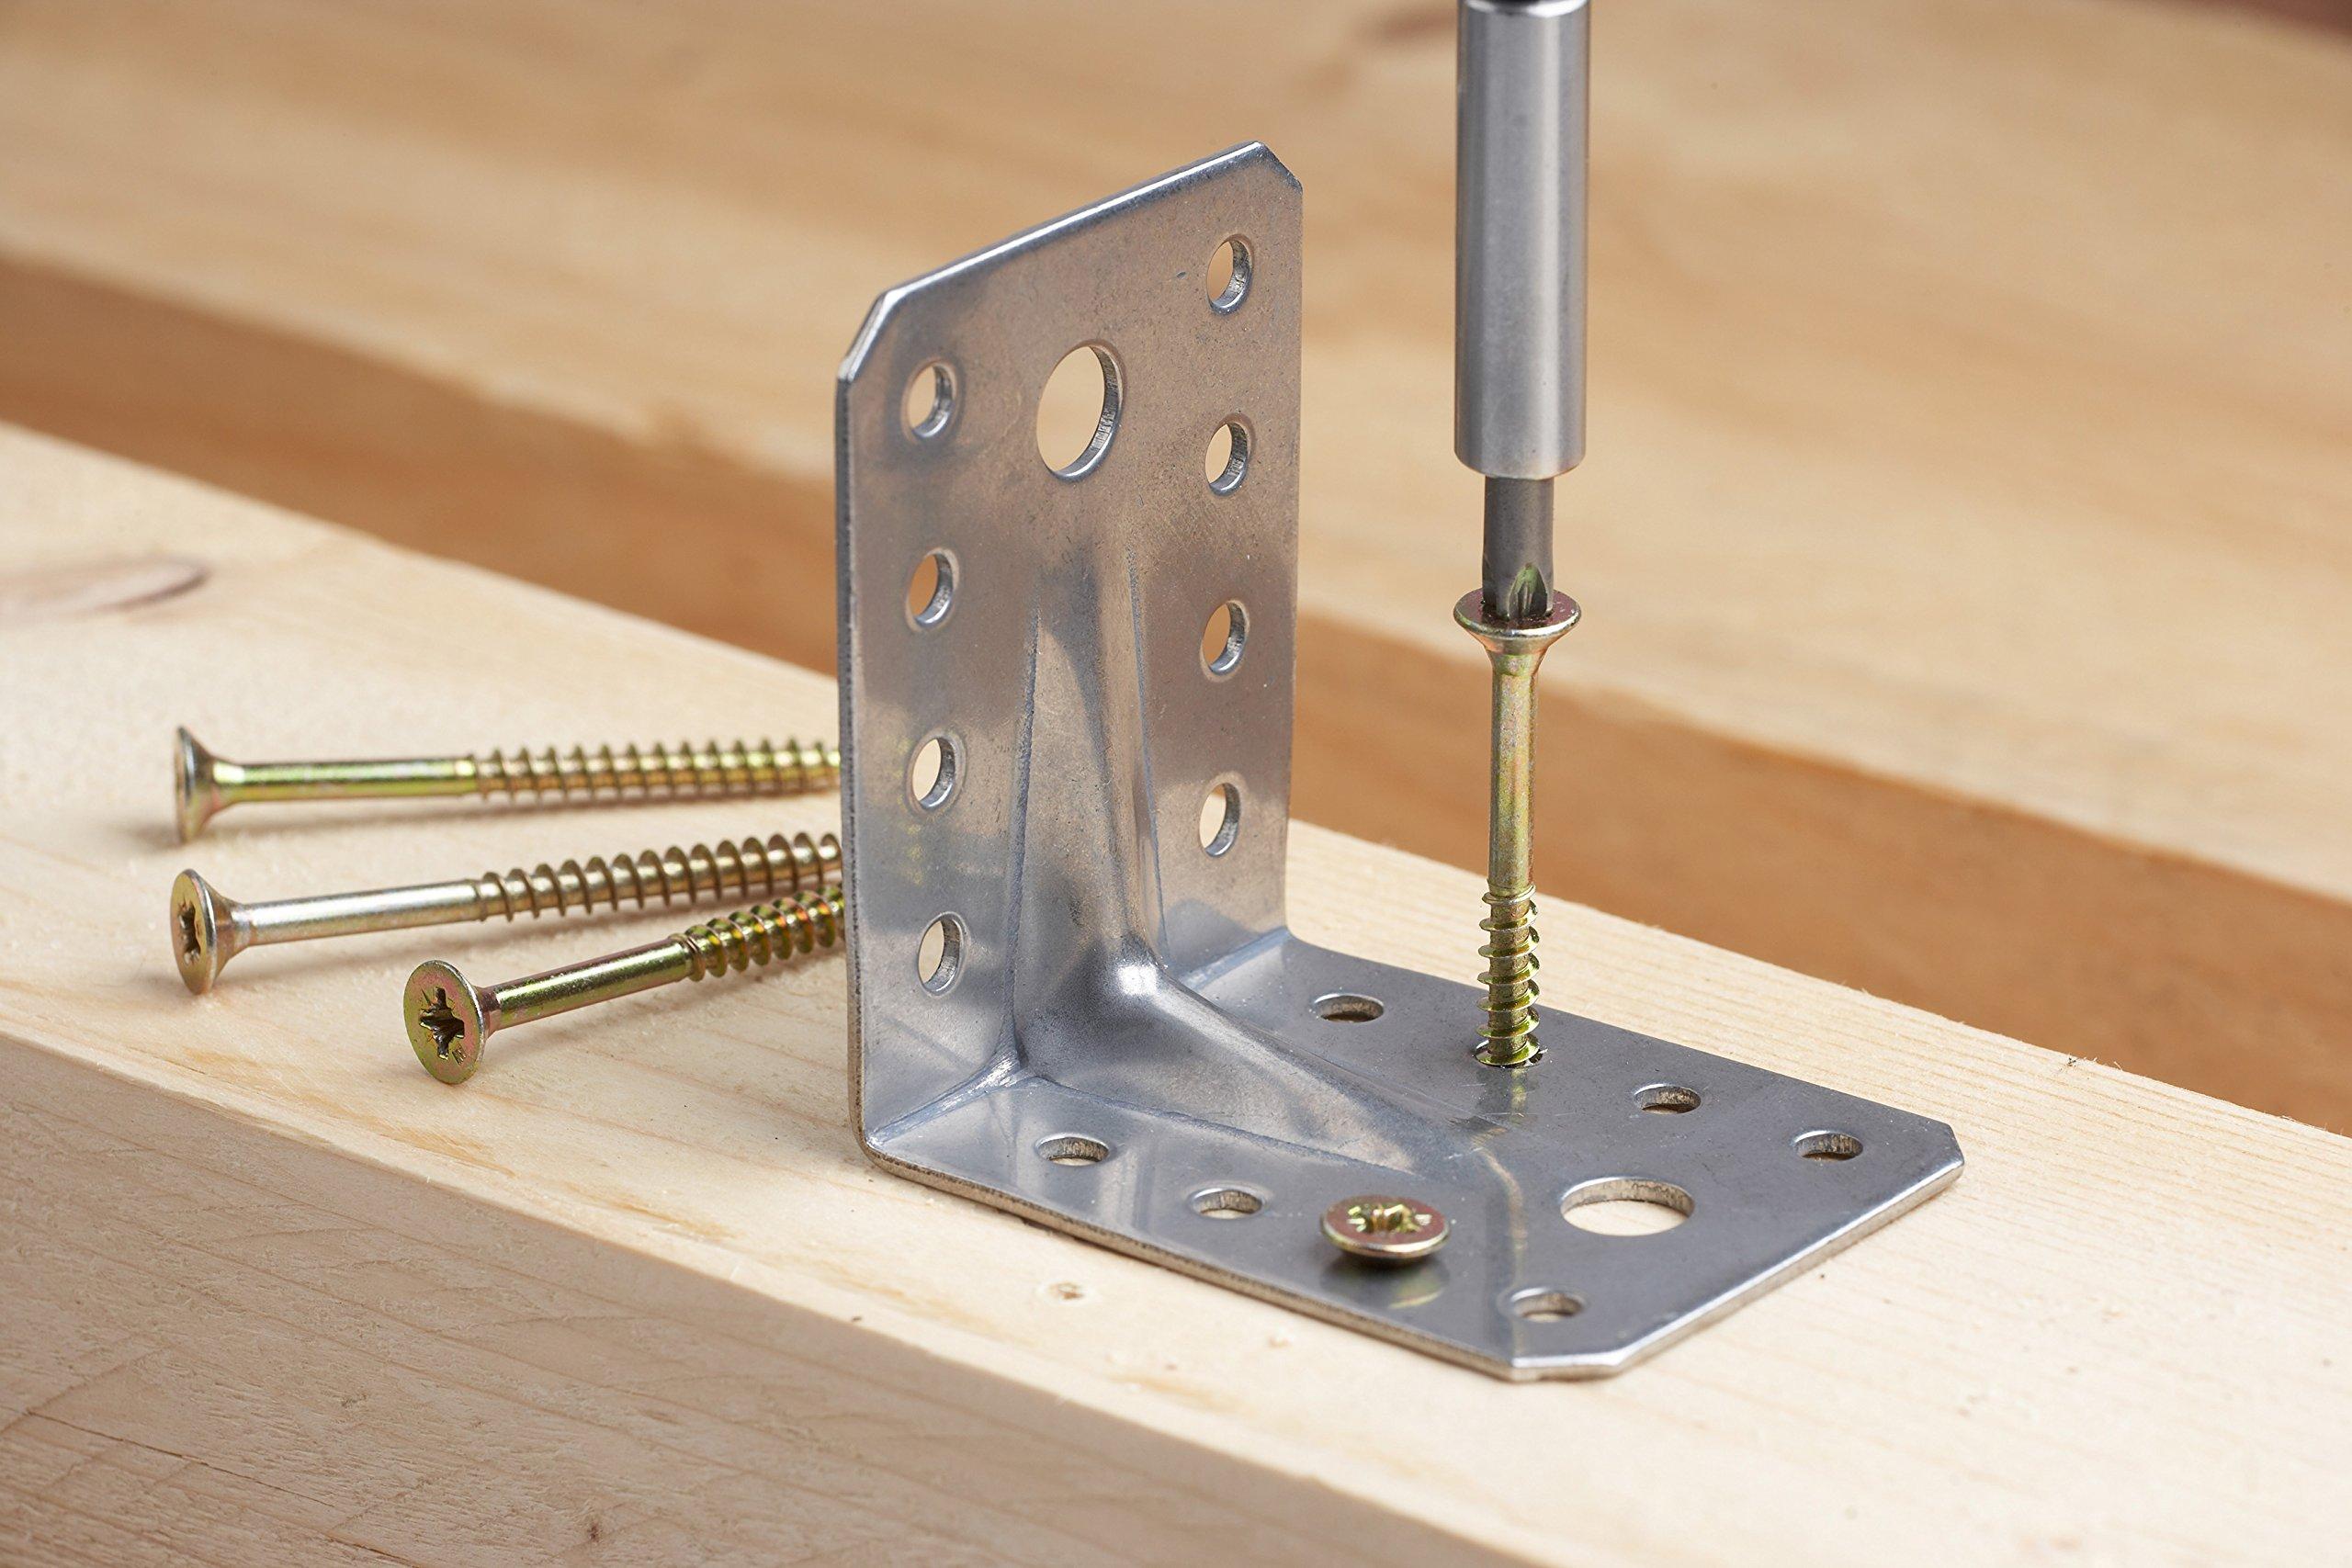 81xVQvfVCLL - Meister 3385430 - Juego de puntas de destornillador con adaptador (130 piezas, cromo vanadio)